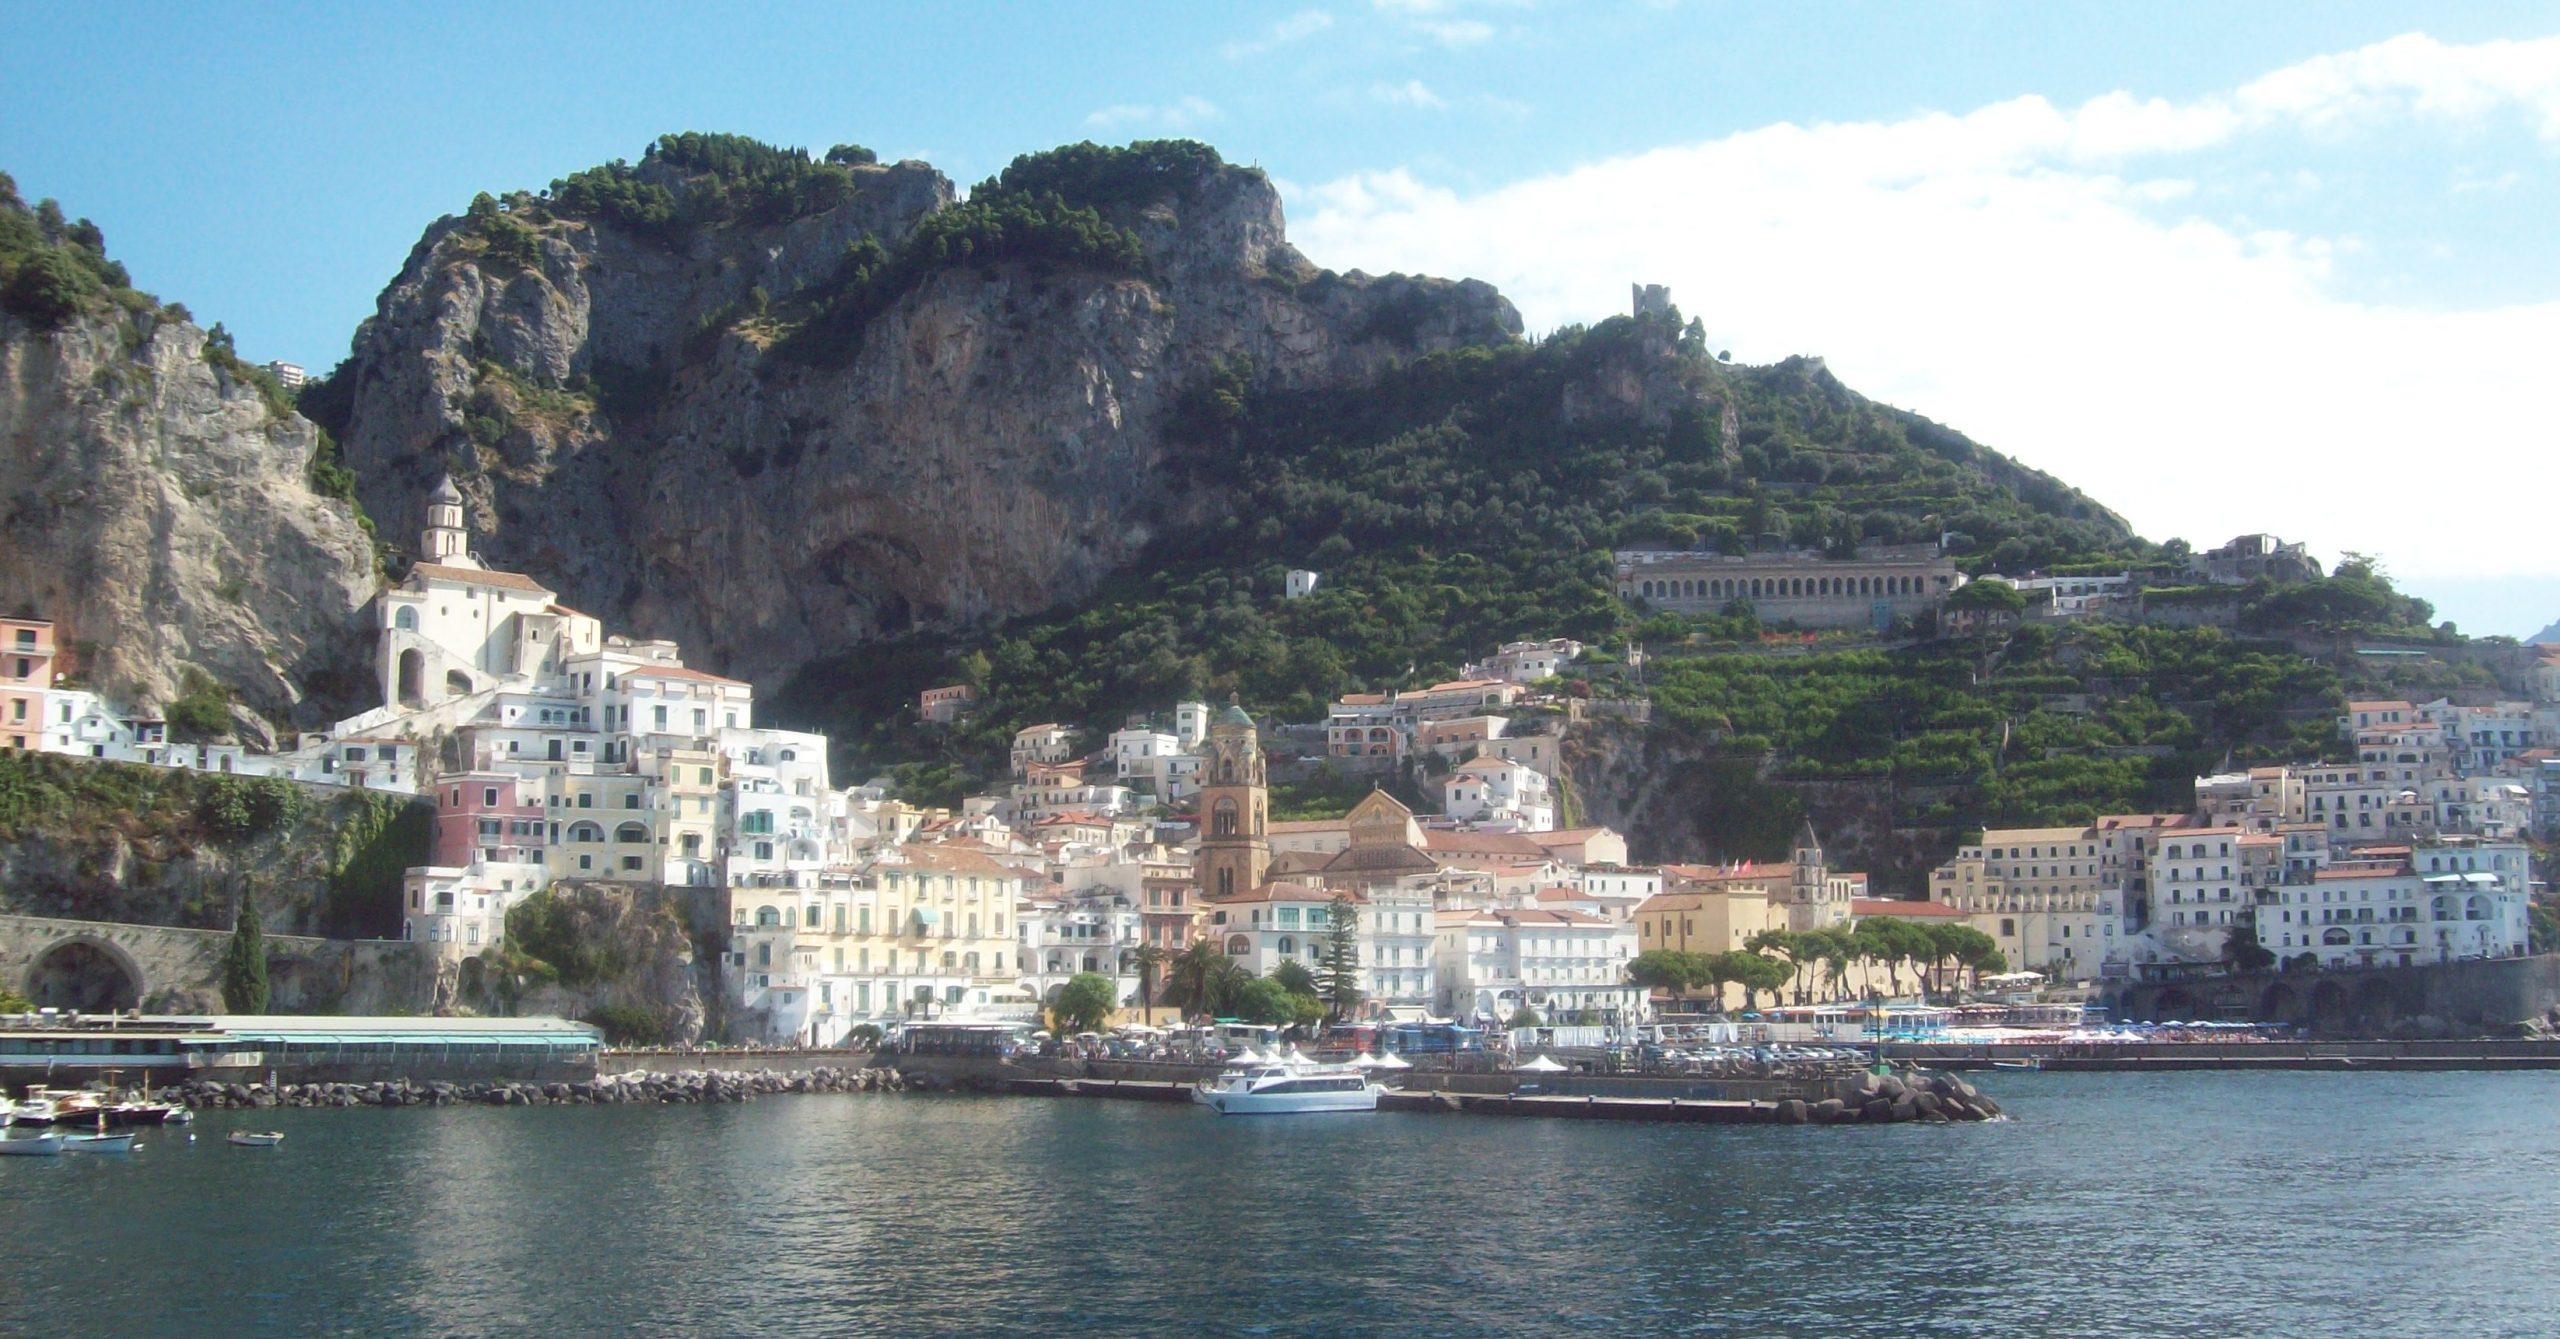 Amalfi and the Coast: land, sea, literature